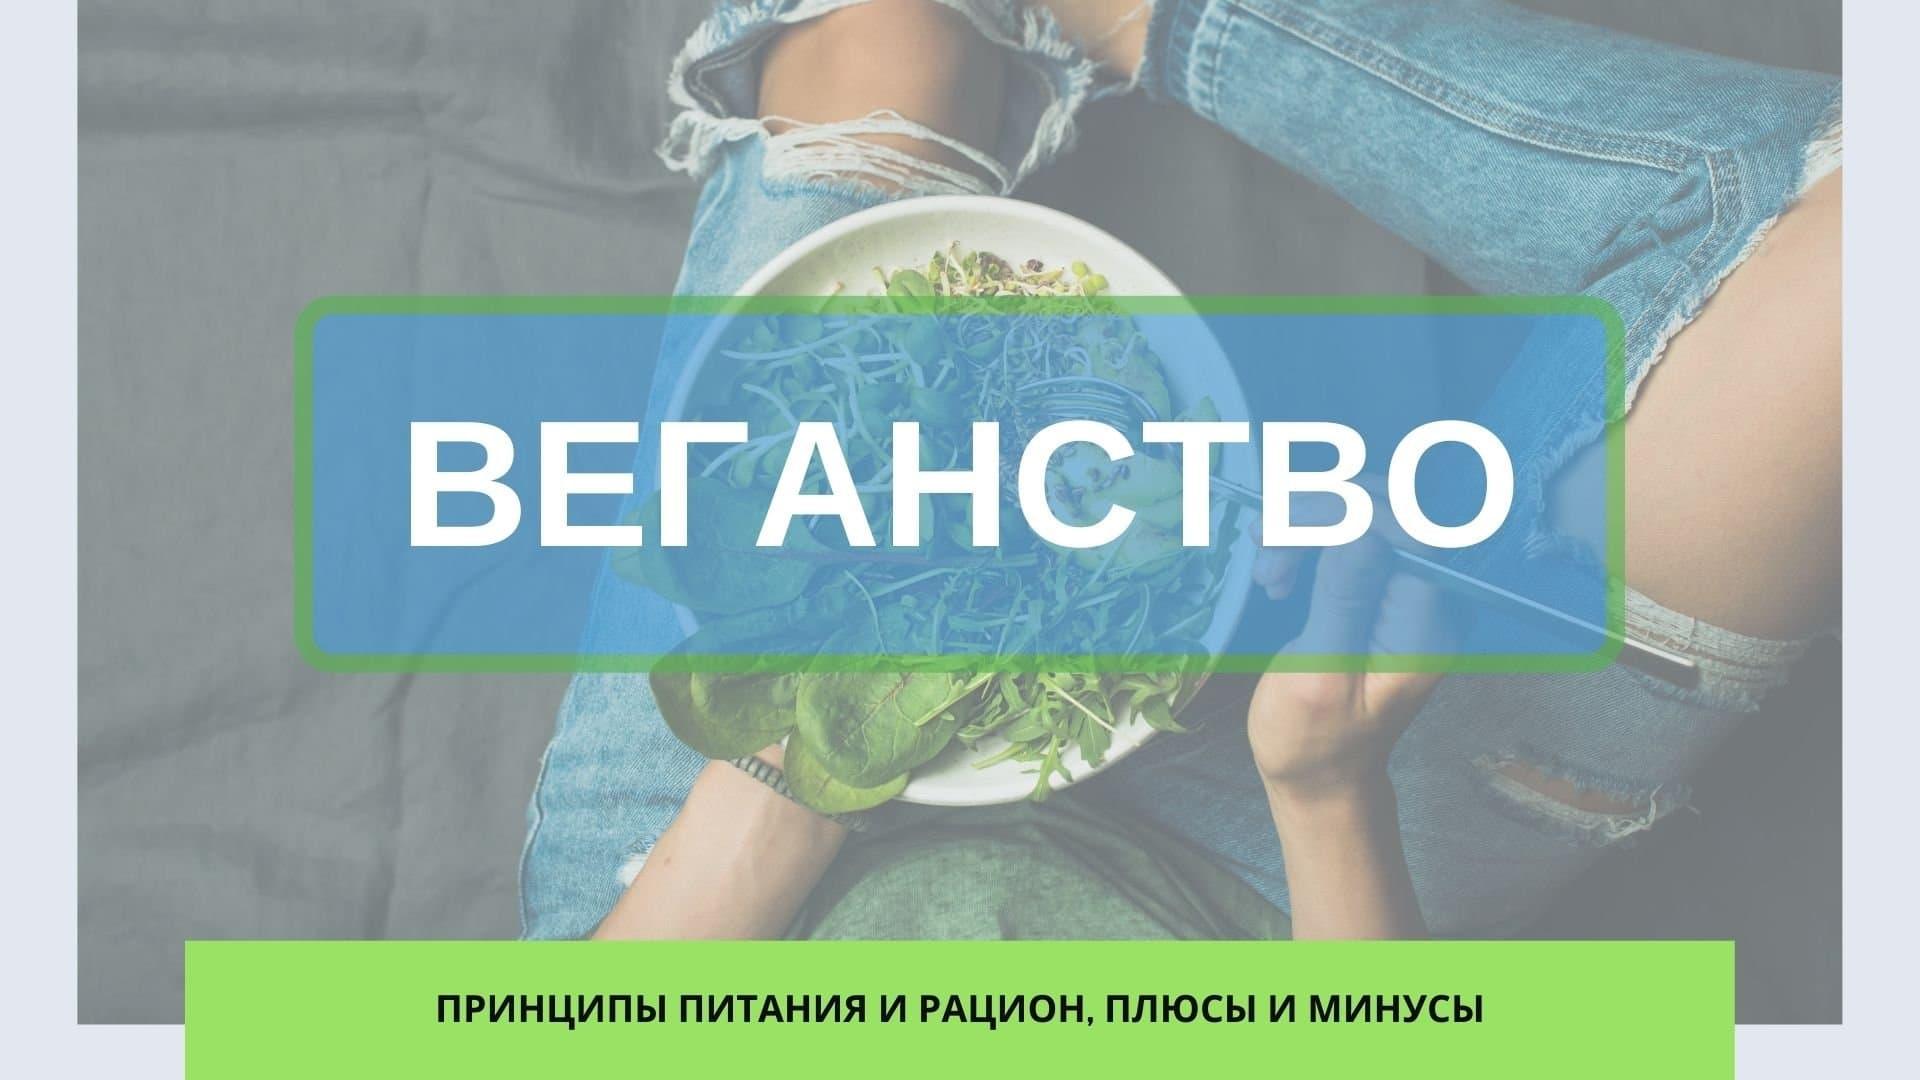 Веганство: принципы питания и рацион, плюсы и минусы